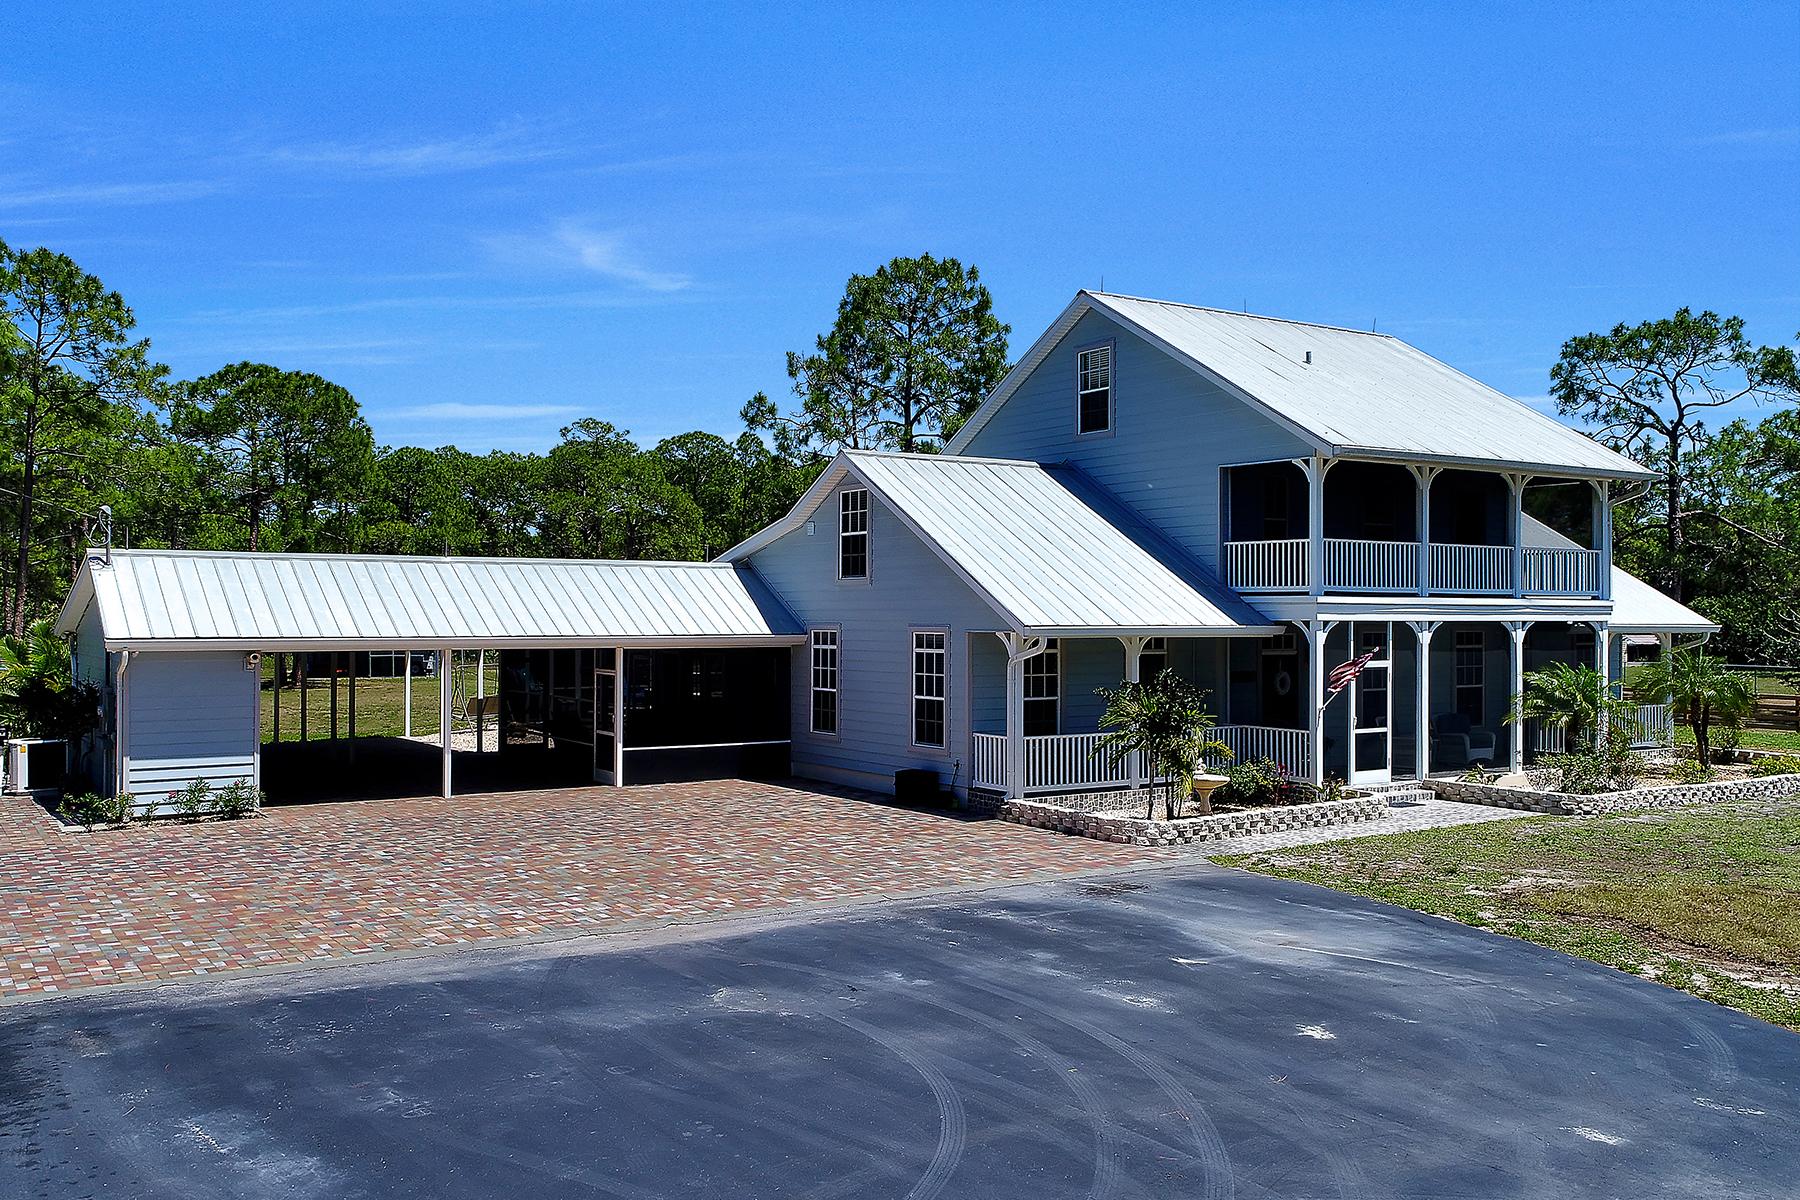 Maison unifamiliale pour l Vente à NORTH FORT MYERS 19150 Gottarde Rd North Fort Myers, Florida, 33917 États-Unis